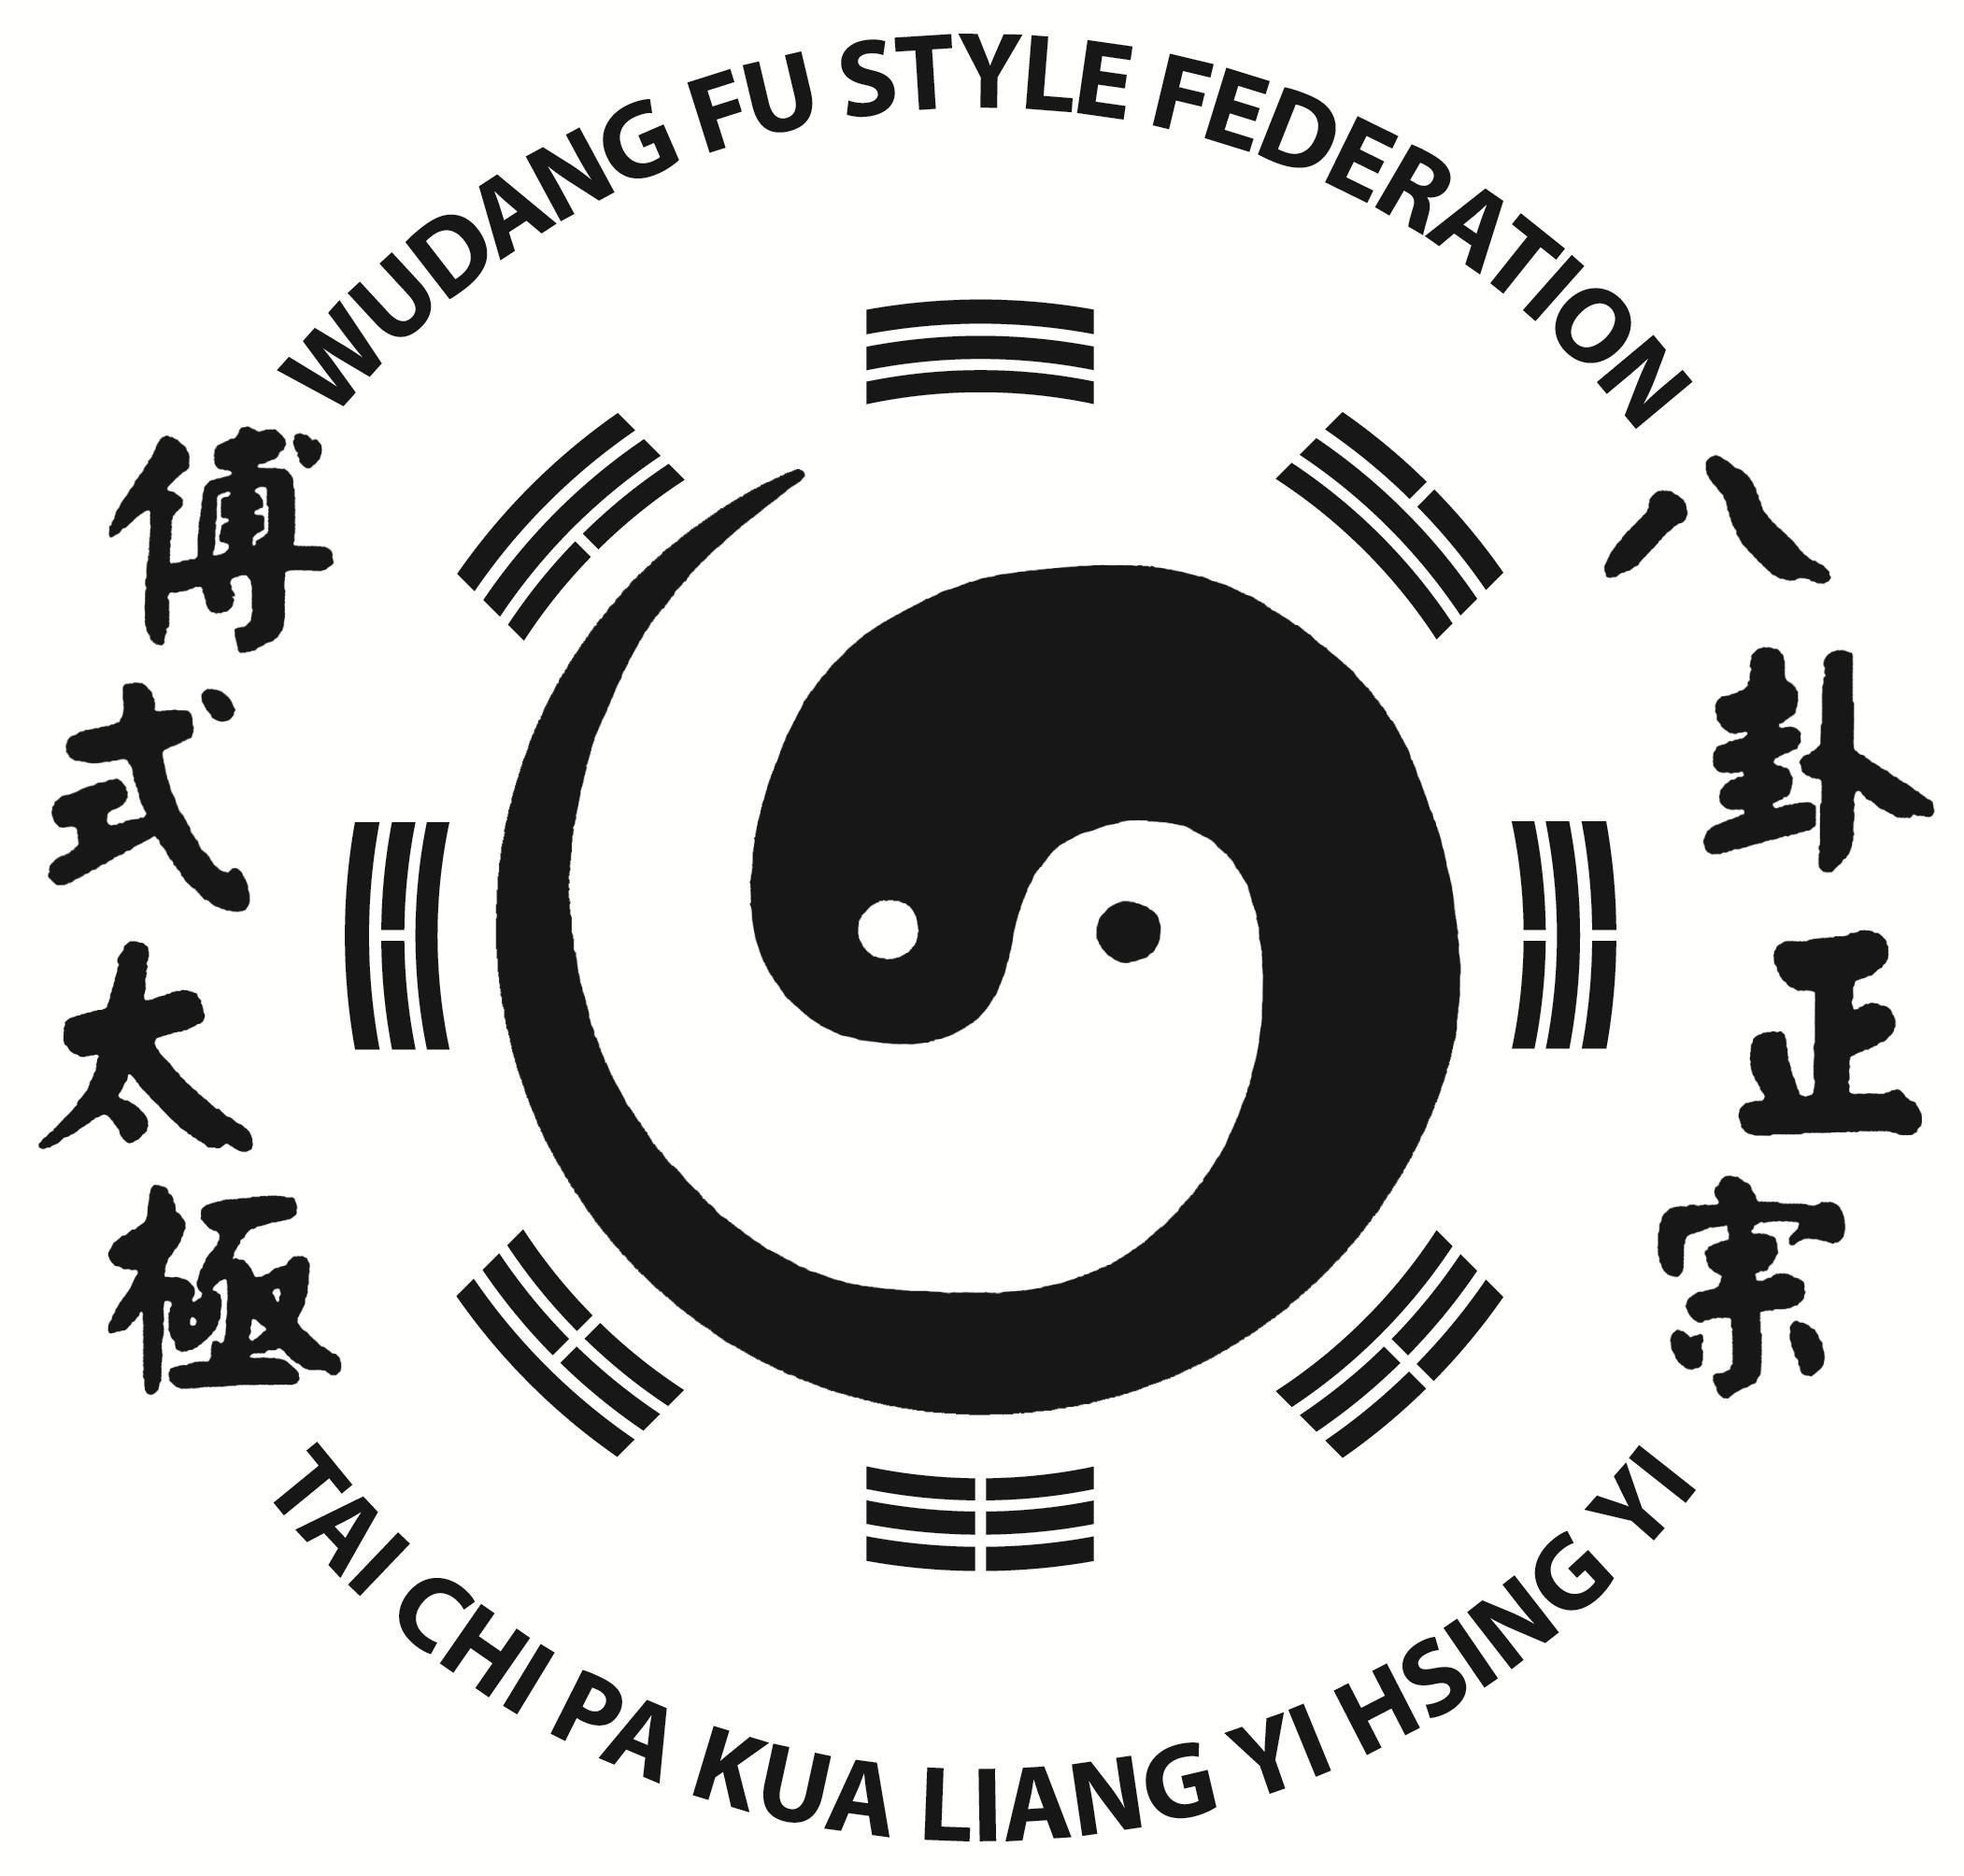 wudang-fu-style-logo